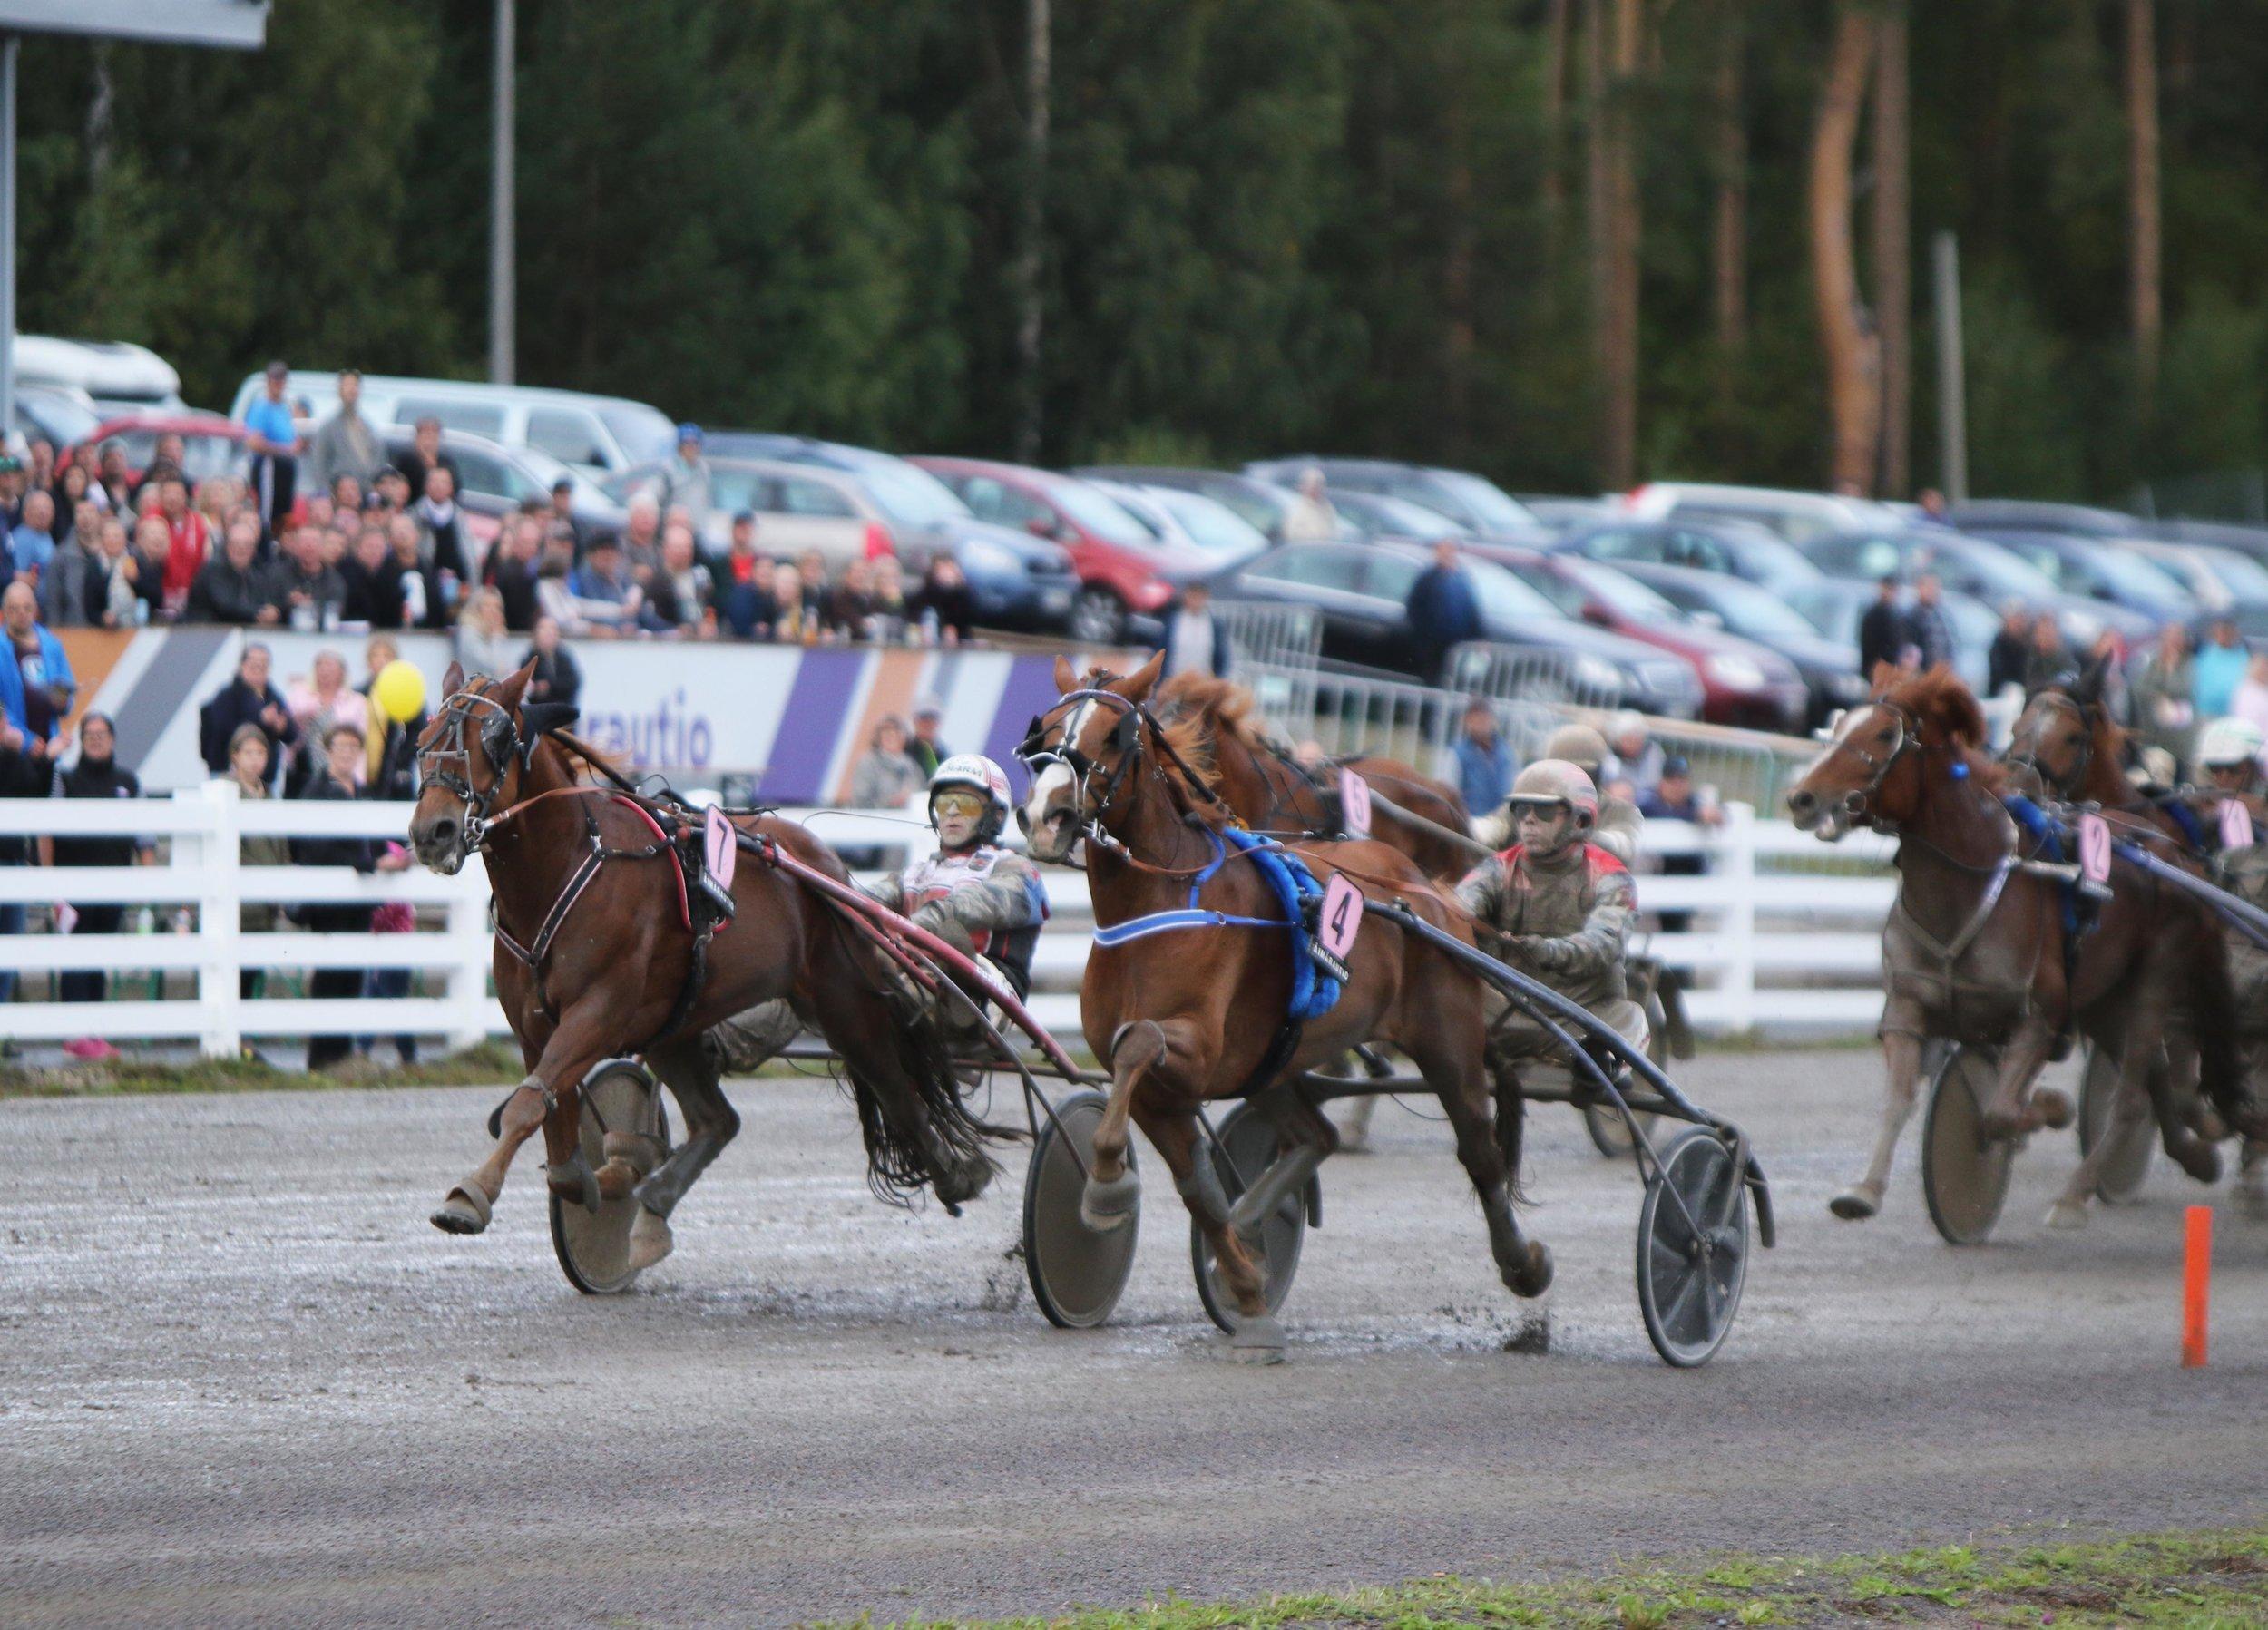 Henri Bollströmin ohjastama Tähen Toivomus (vas.) taisteli Kavioliigan ensimmäisen osakilpailun voitosta. Kuva: Hippos / Hanna Laakso